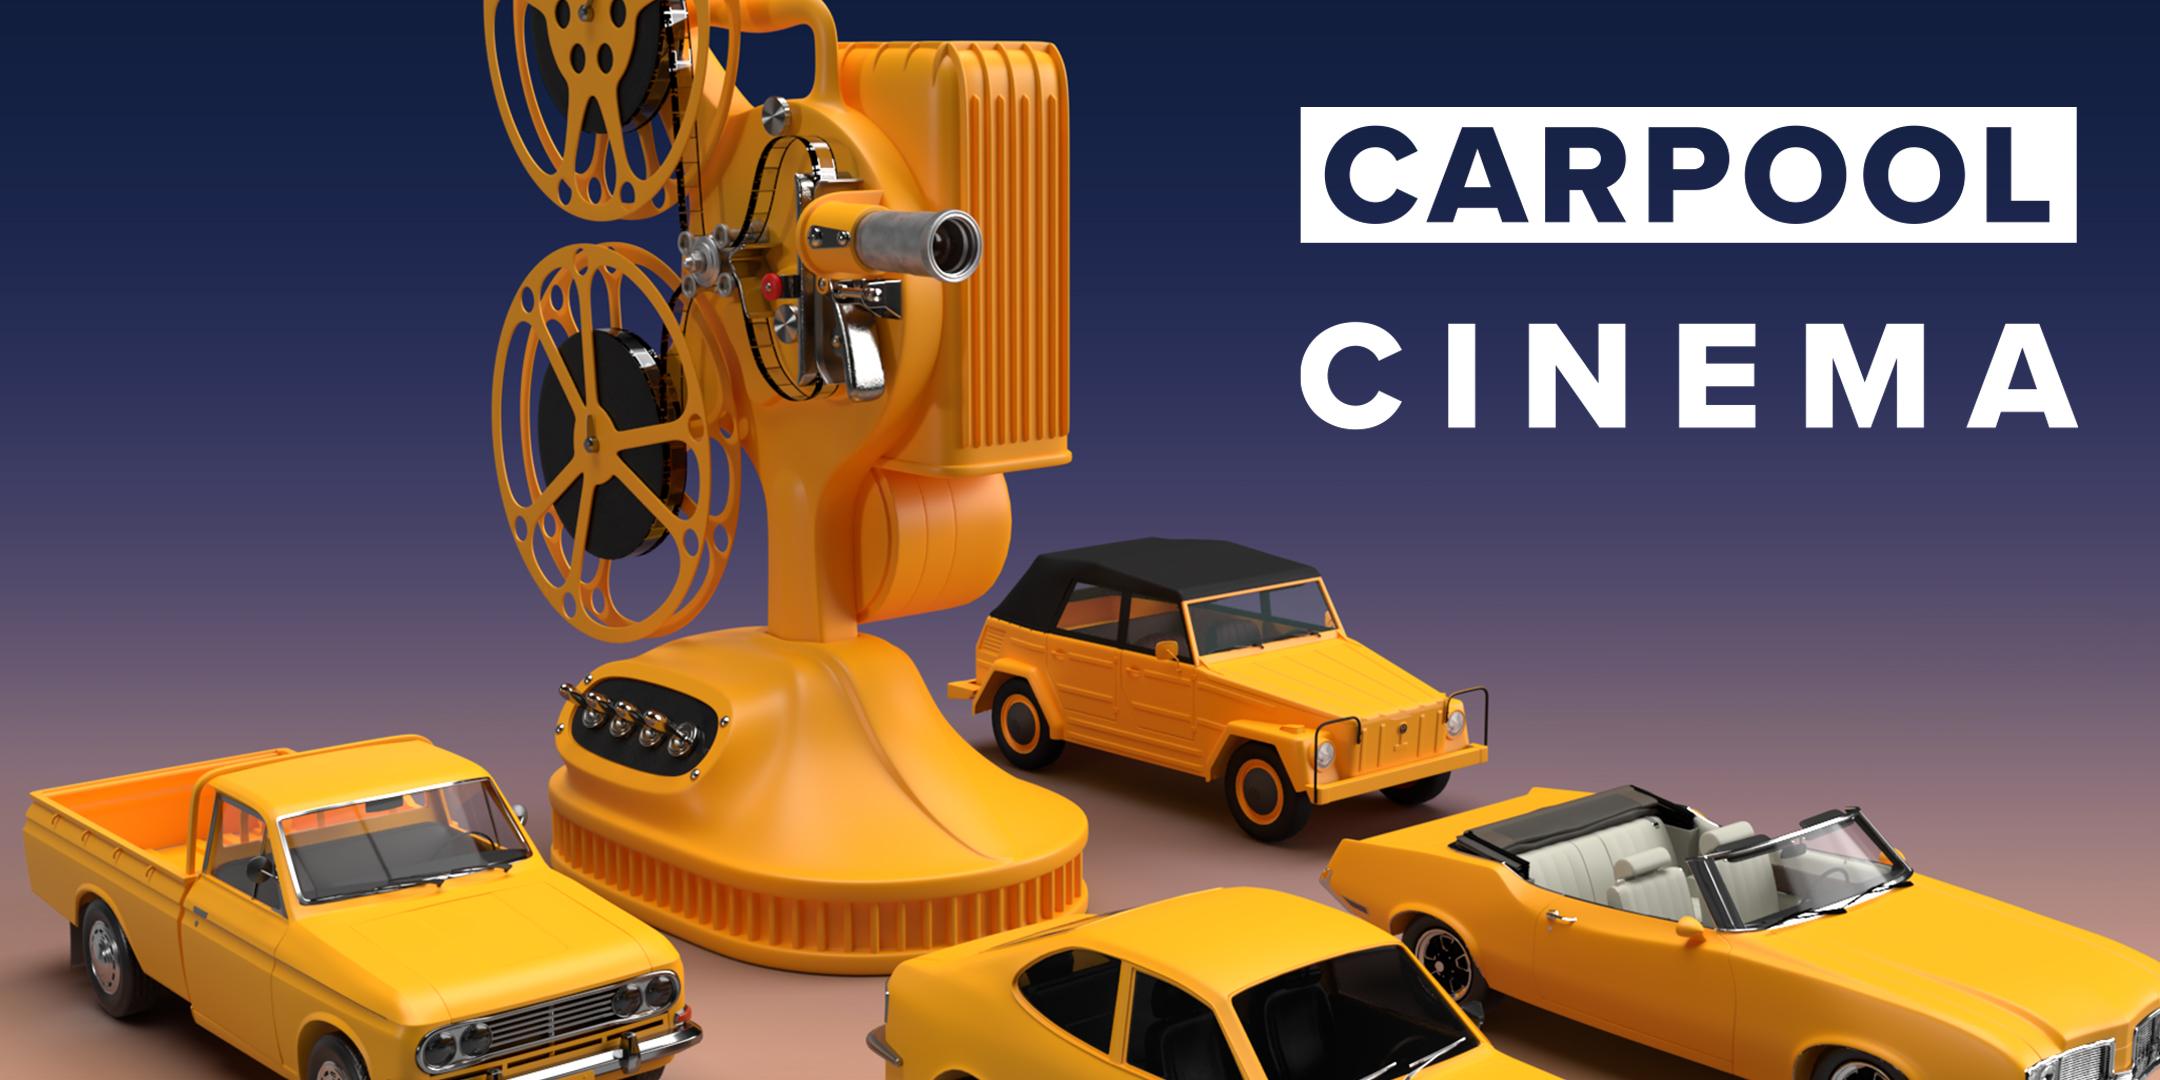 Carpool Cinema